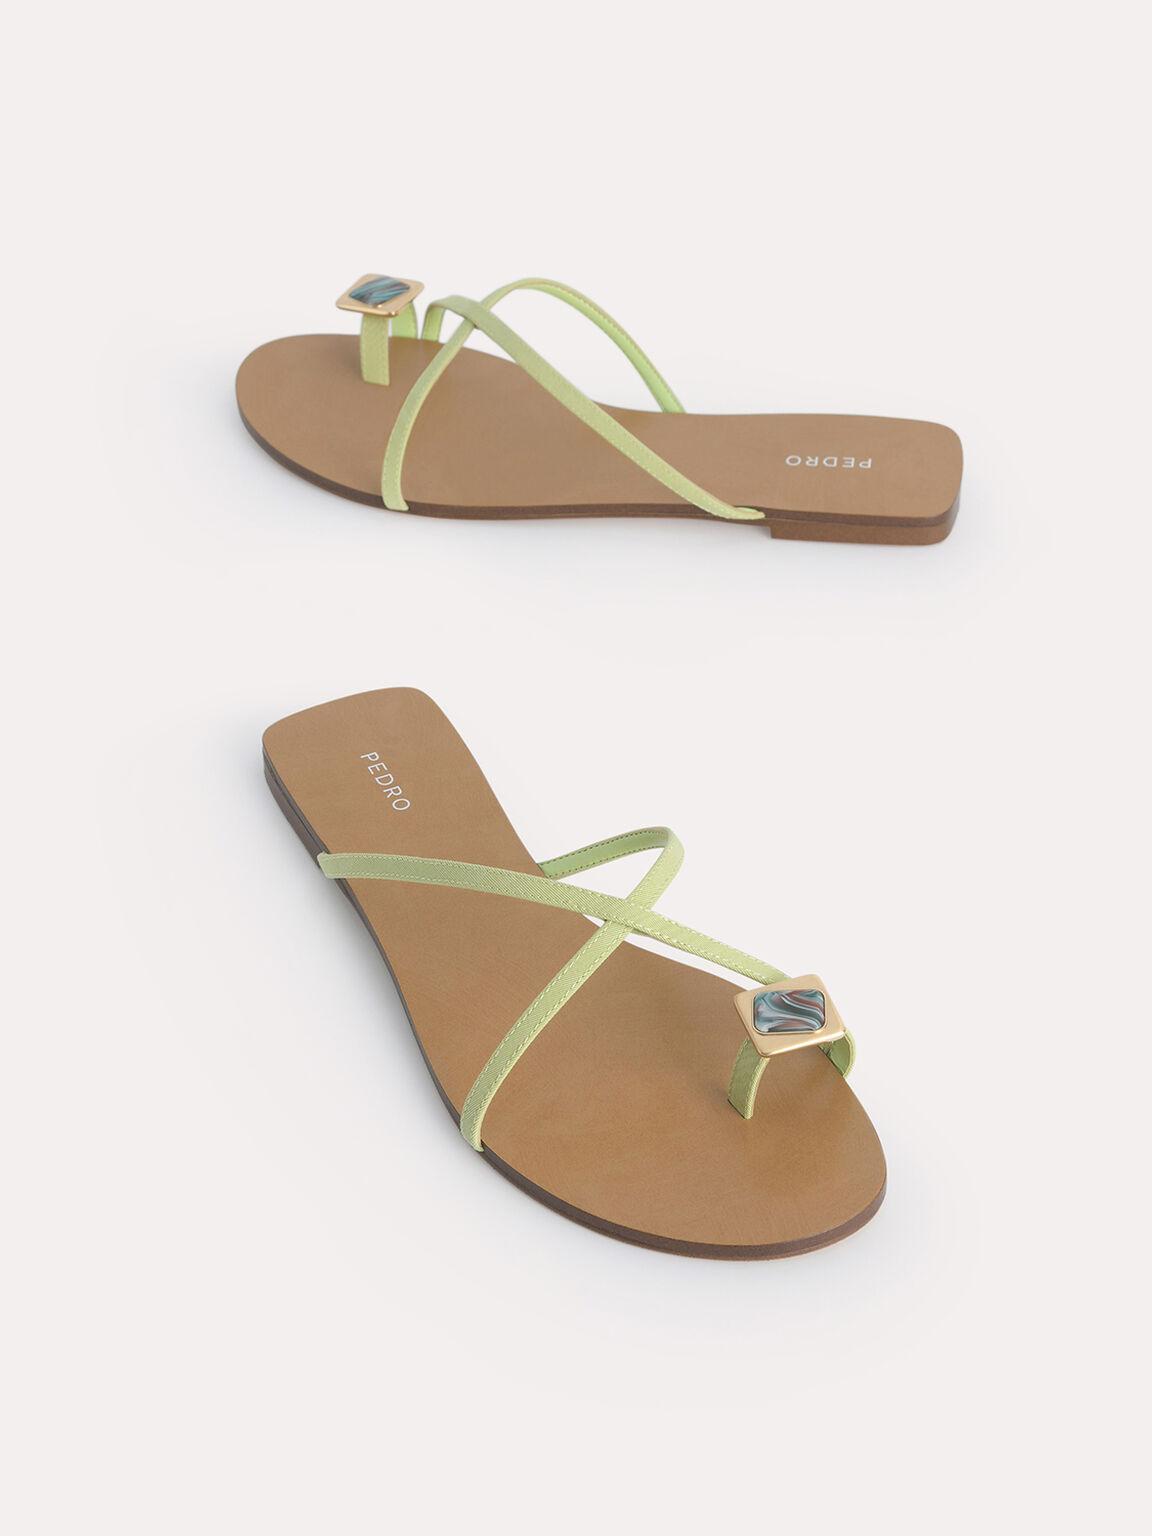 Marbled Toe Loop Sandals, Light Green, hi-res